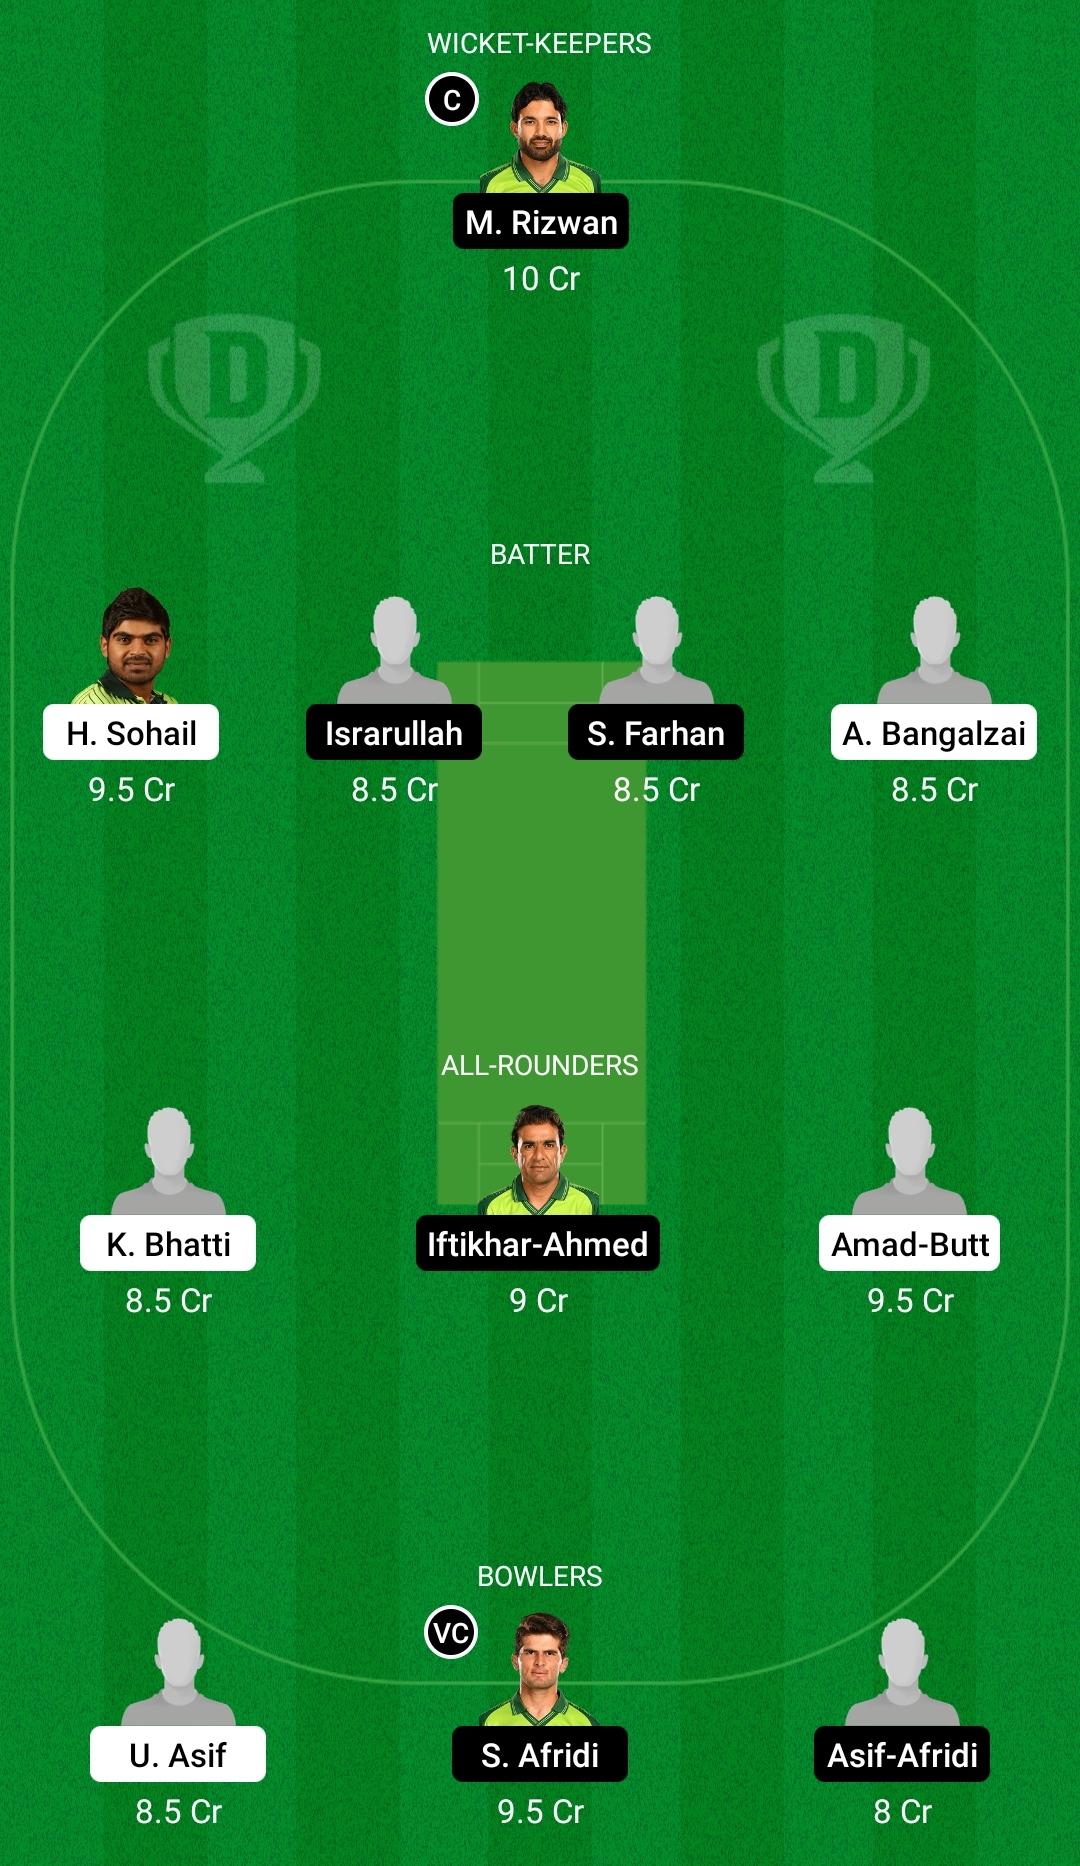 BAL vs KHP ड्रीम11 प्रेडिक्शन फैंटेसी क्रिकेट टिप्स ड्रीम11 टीम नेशनल टी20 कप